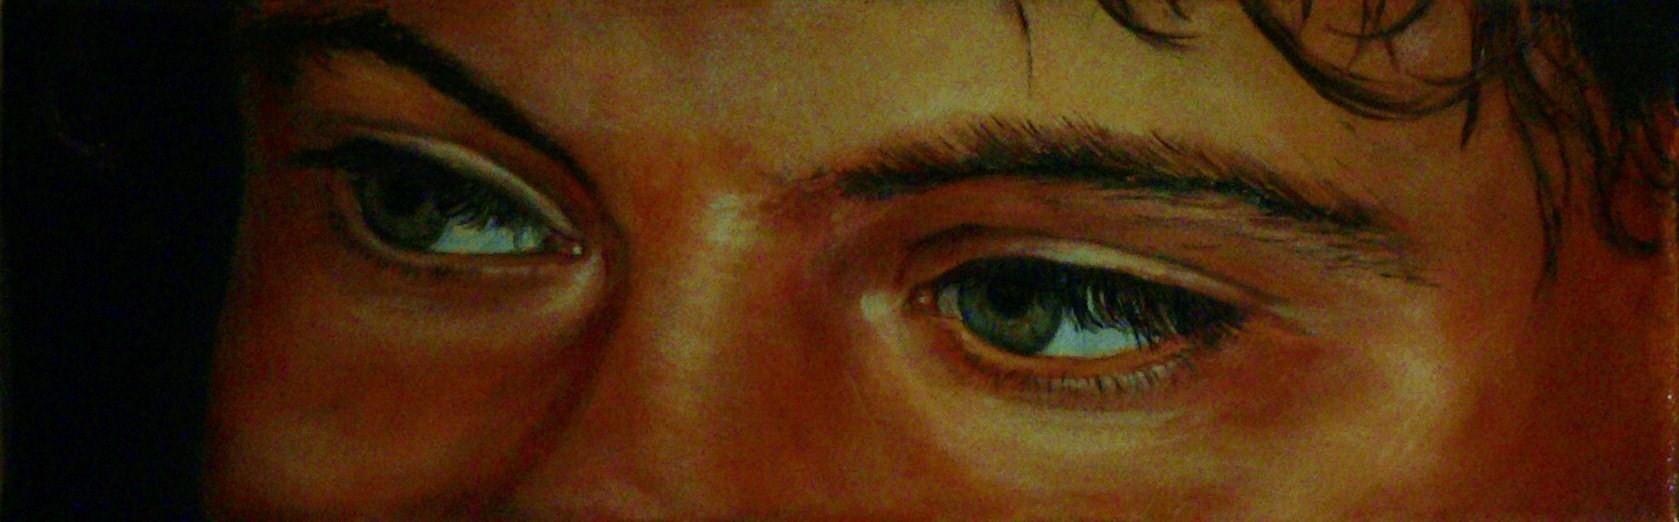 ogen-frank